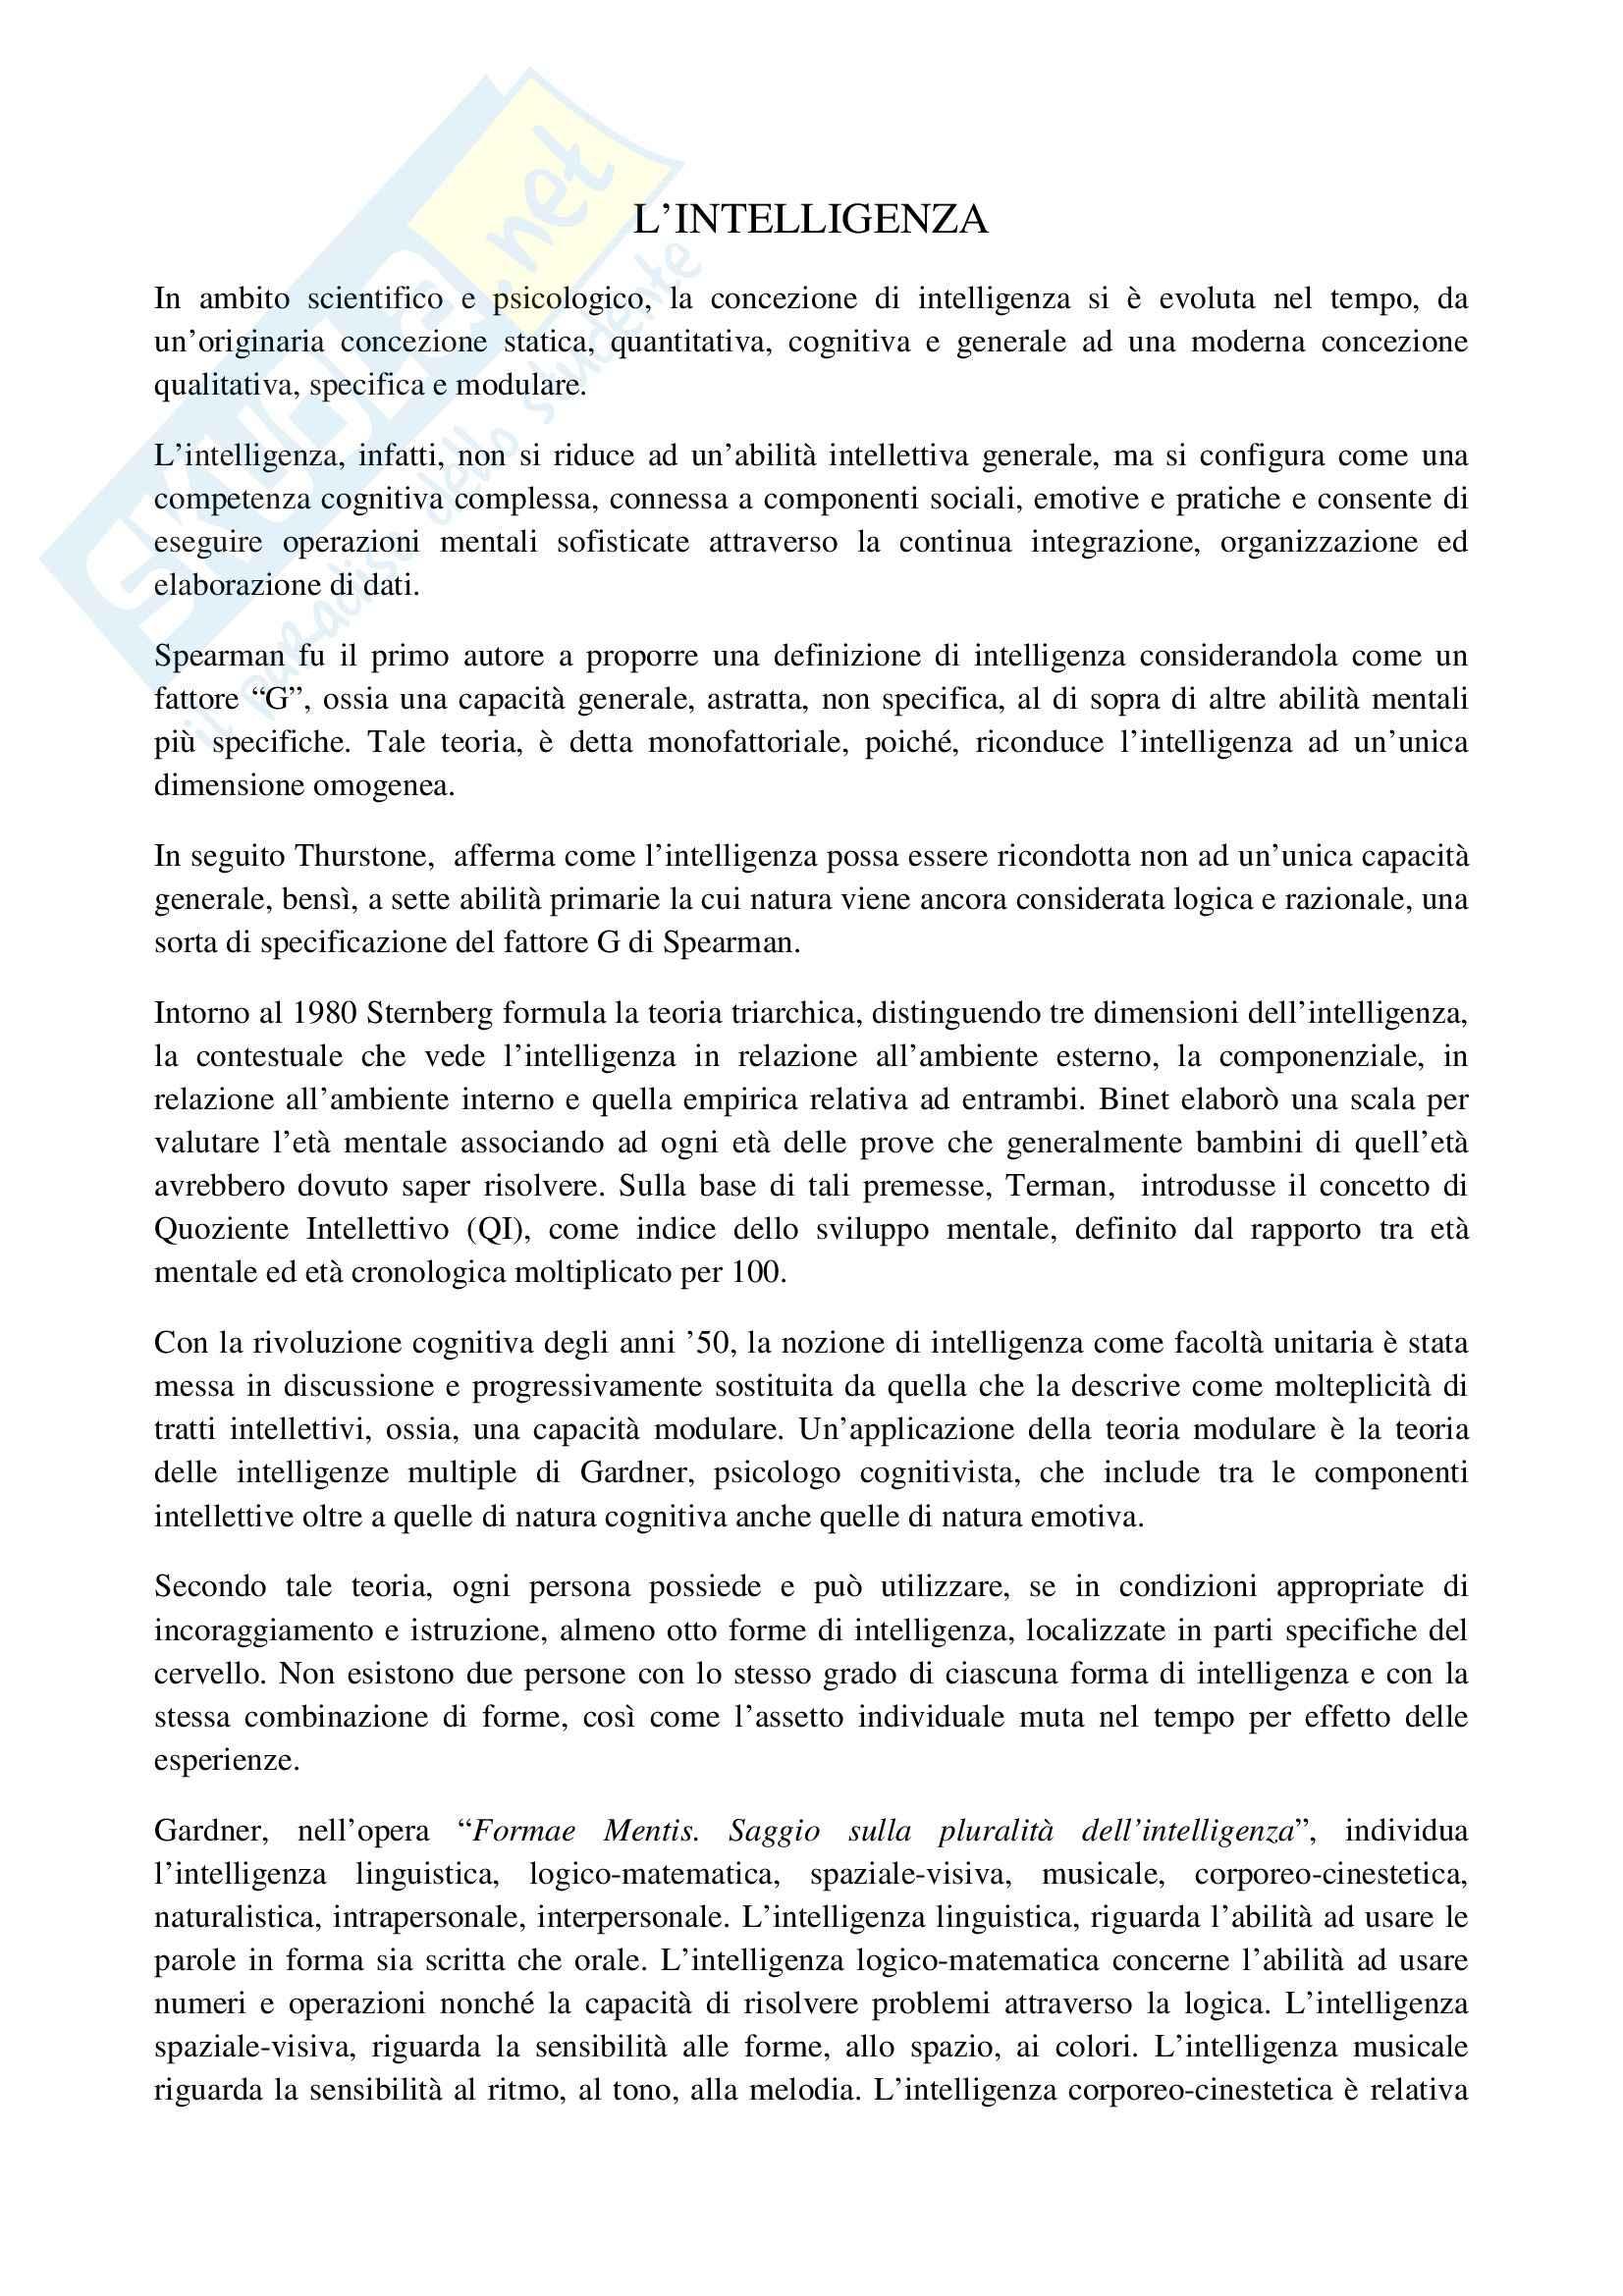 TEMI SVOLTI ESAME DI STATO PSICOLOGO PRIMA PARTE Pag. 111